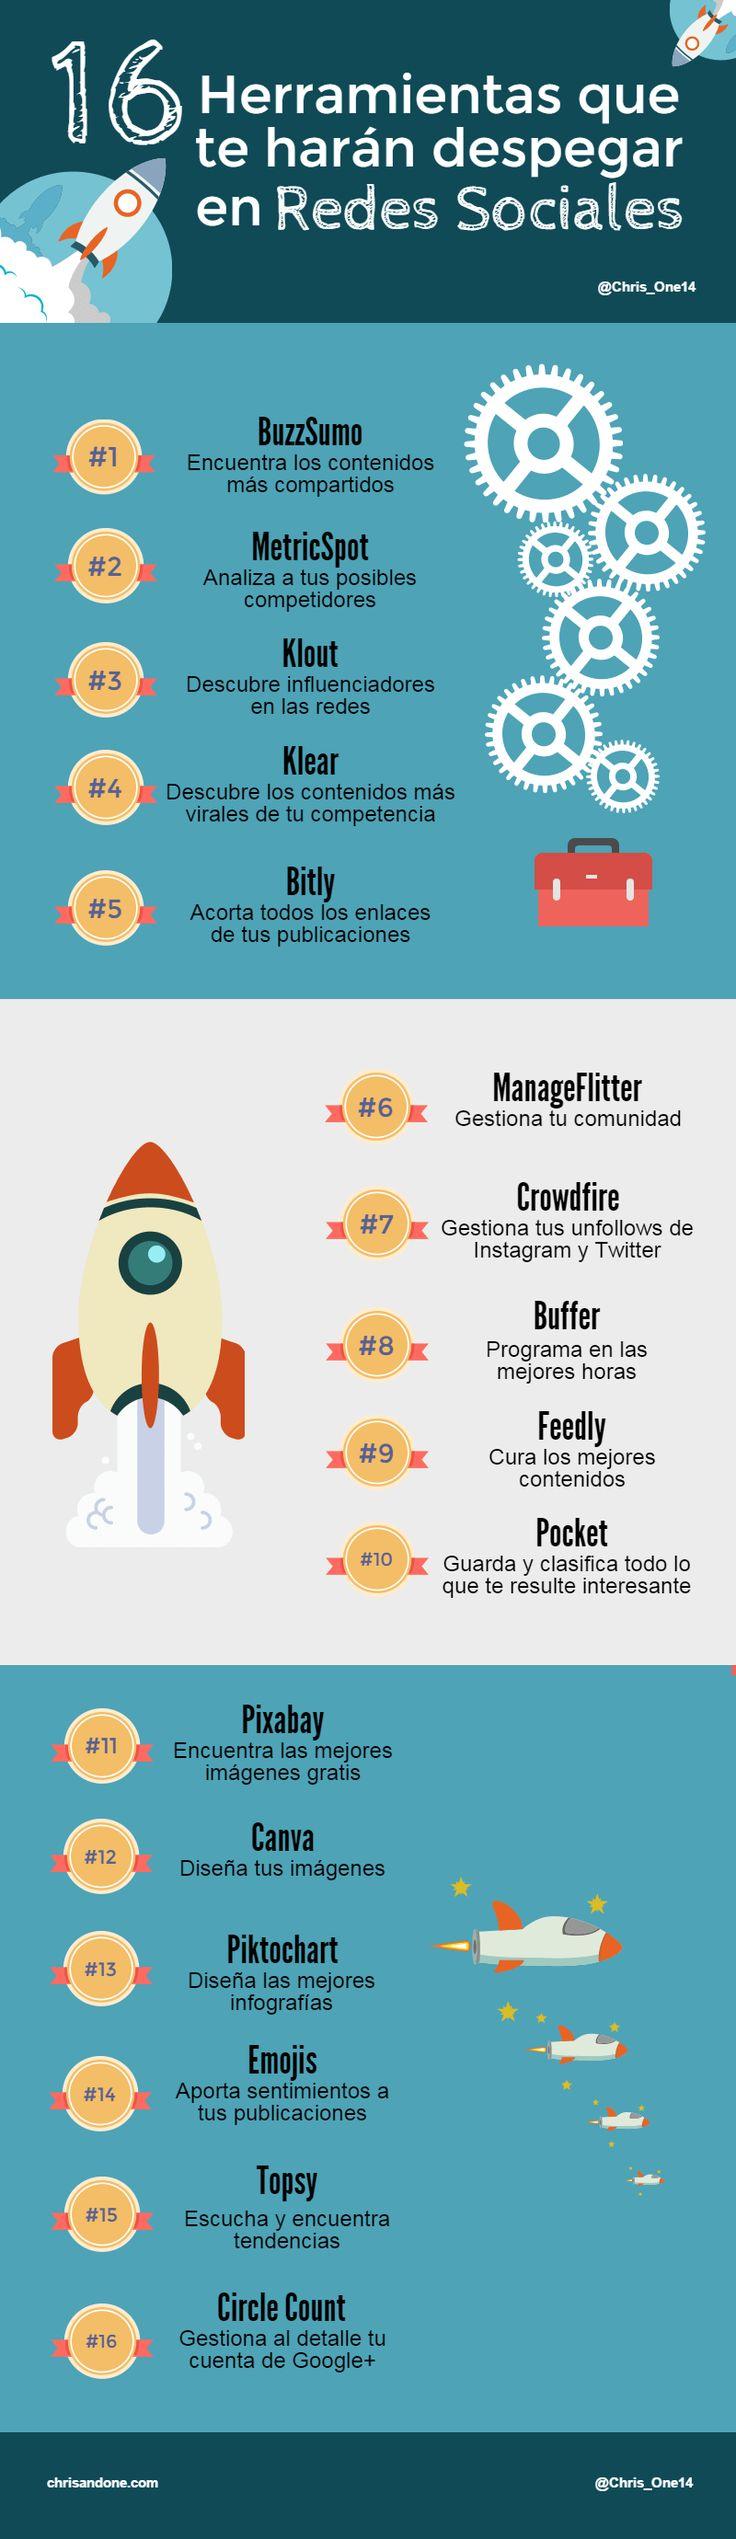 16 herramientas para despegar en Redes Sociales. via @jestepar #socialmedia